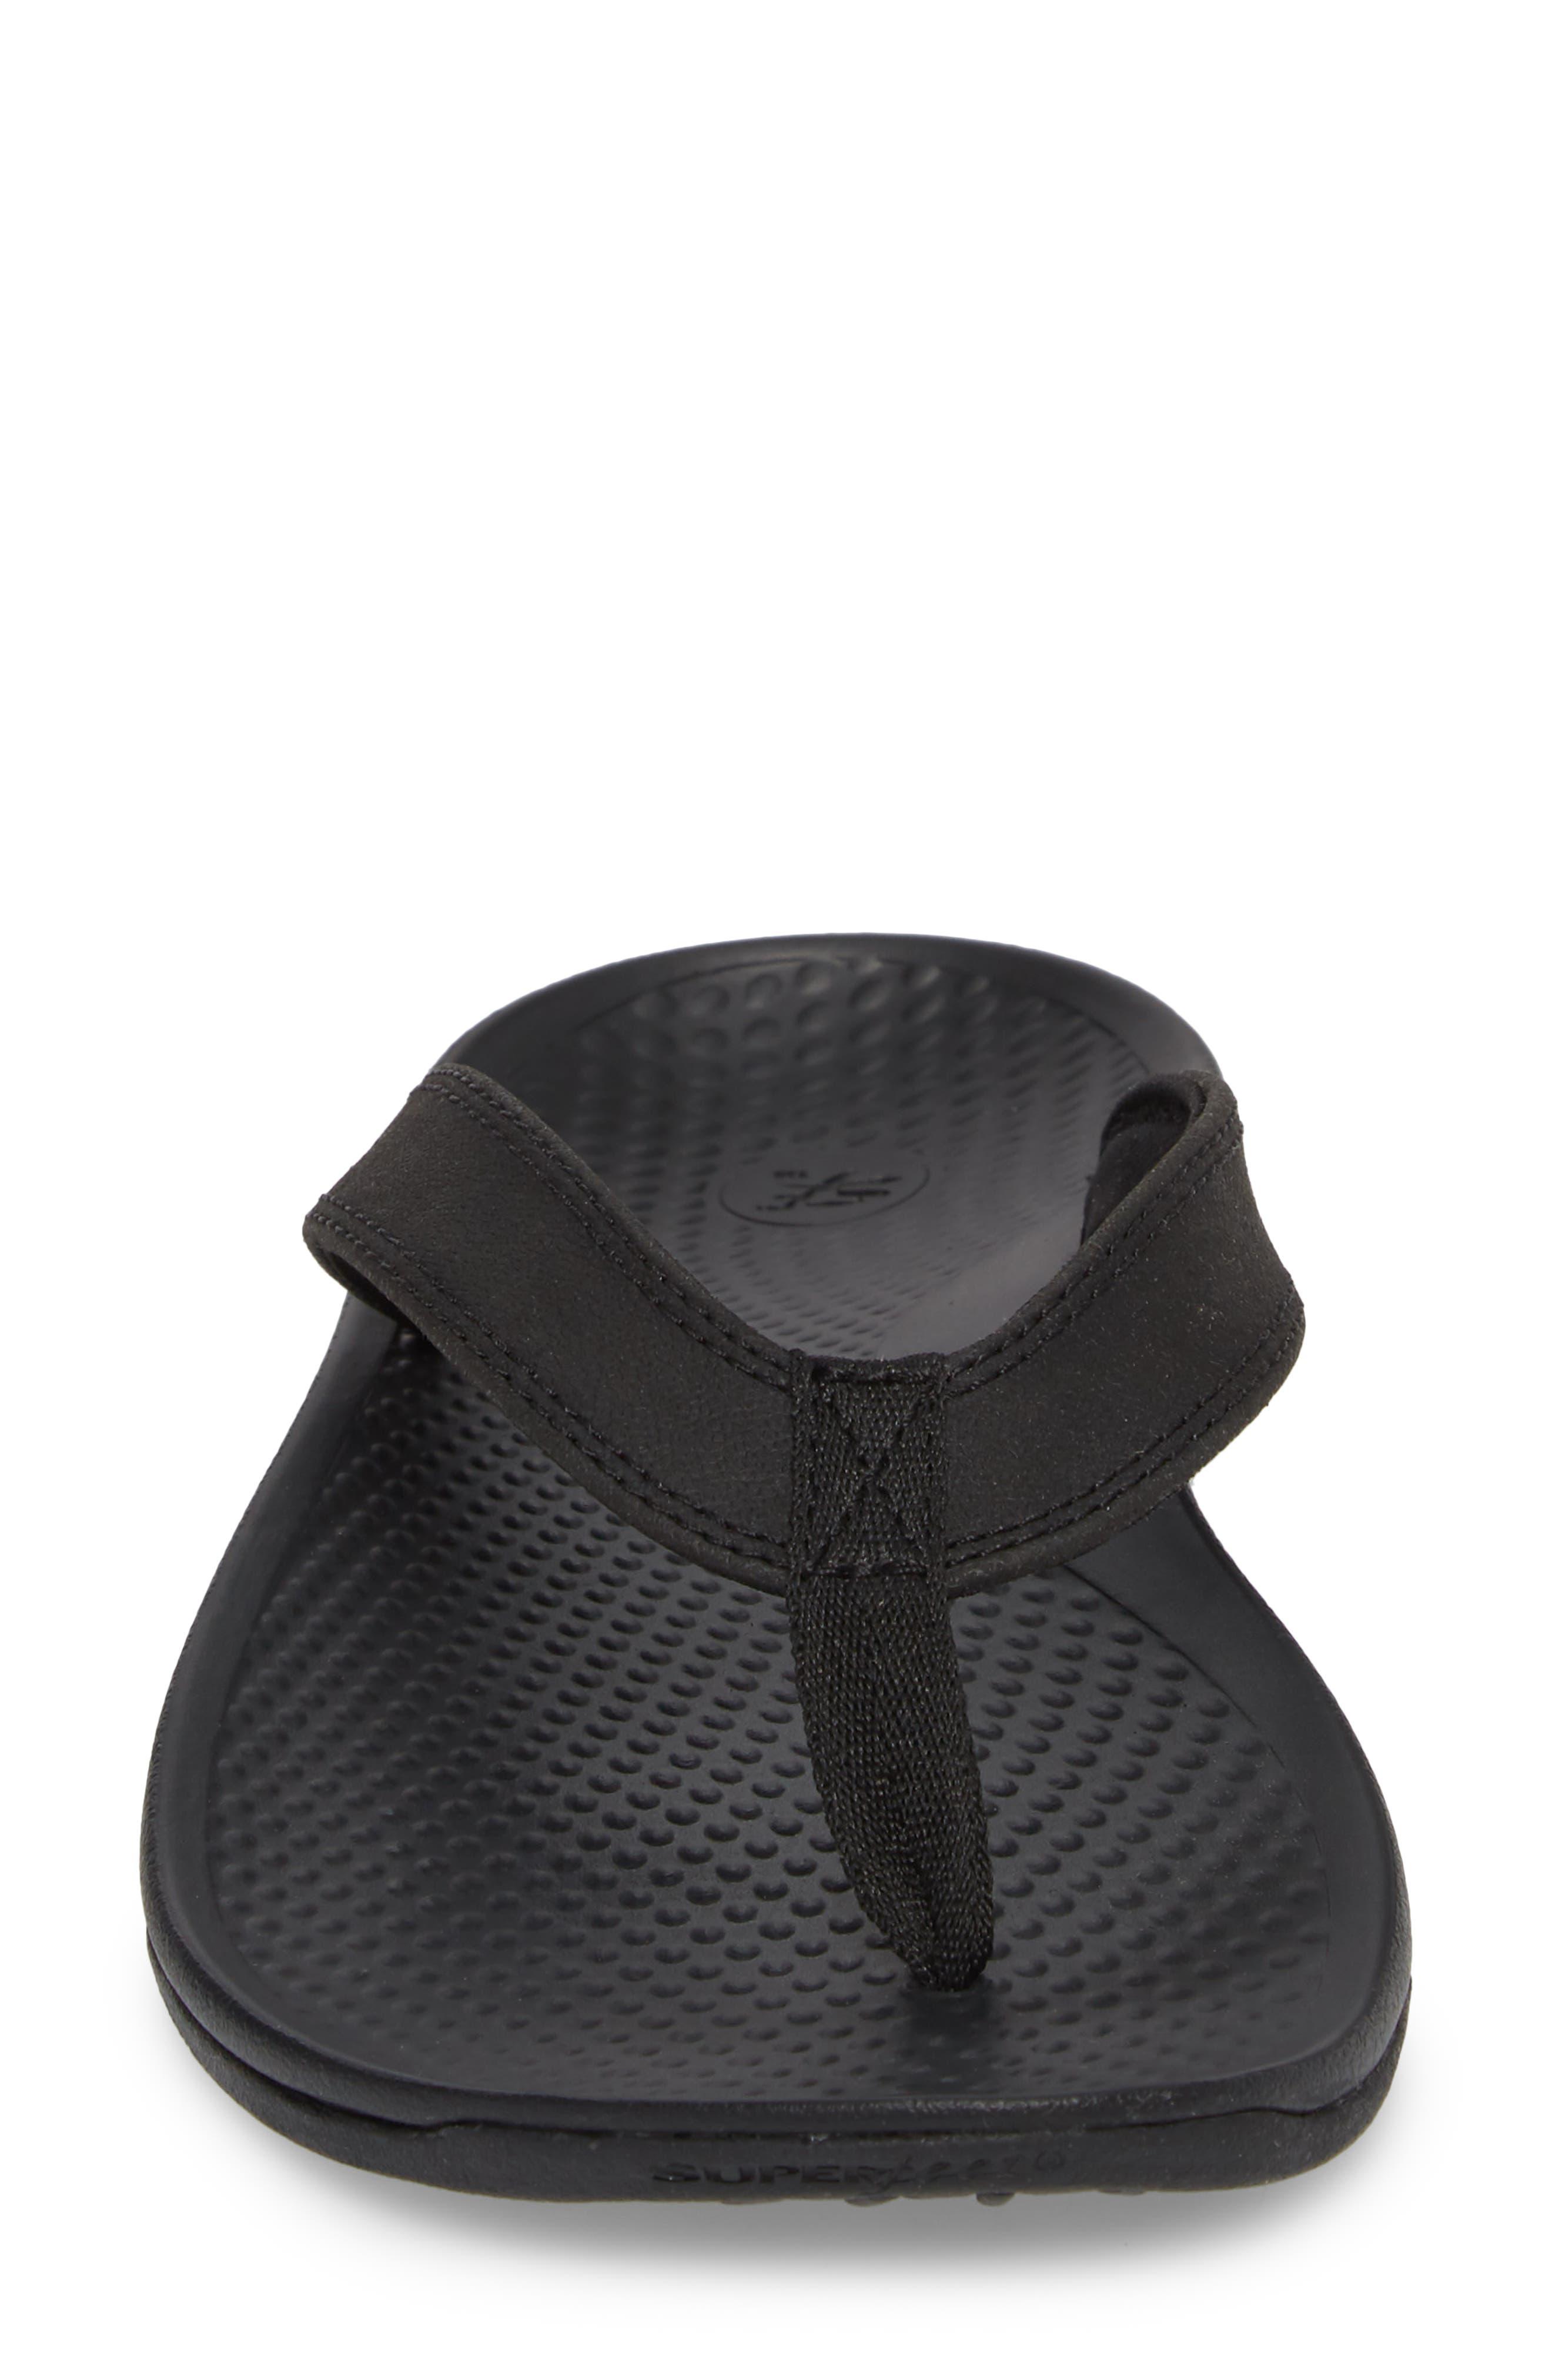 Outside 2.0 Flip Flop,                             Alternate thumbnail 4, color,                             Black Faux Leather